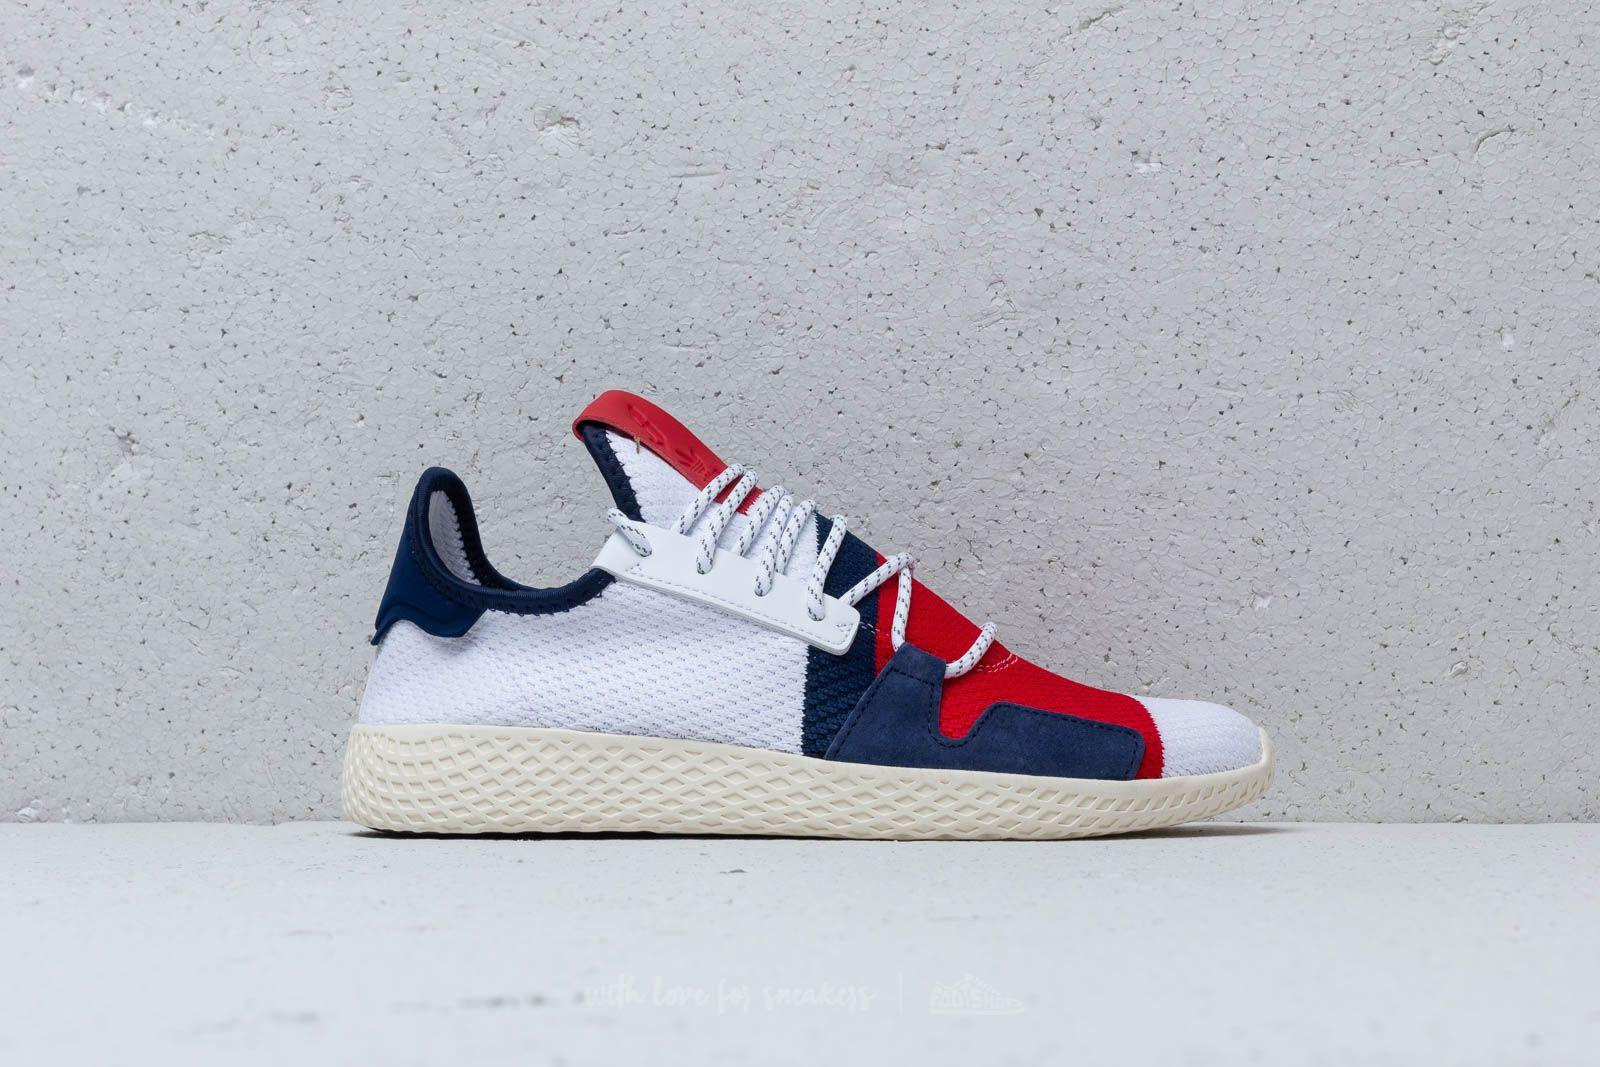 sports shoes 63c50 ebf5a adidas x Pharrell Williams BBC Hu V2 Footwear White  Scarlet au meilleur  prix 130 €